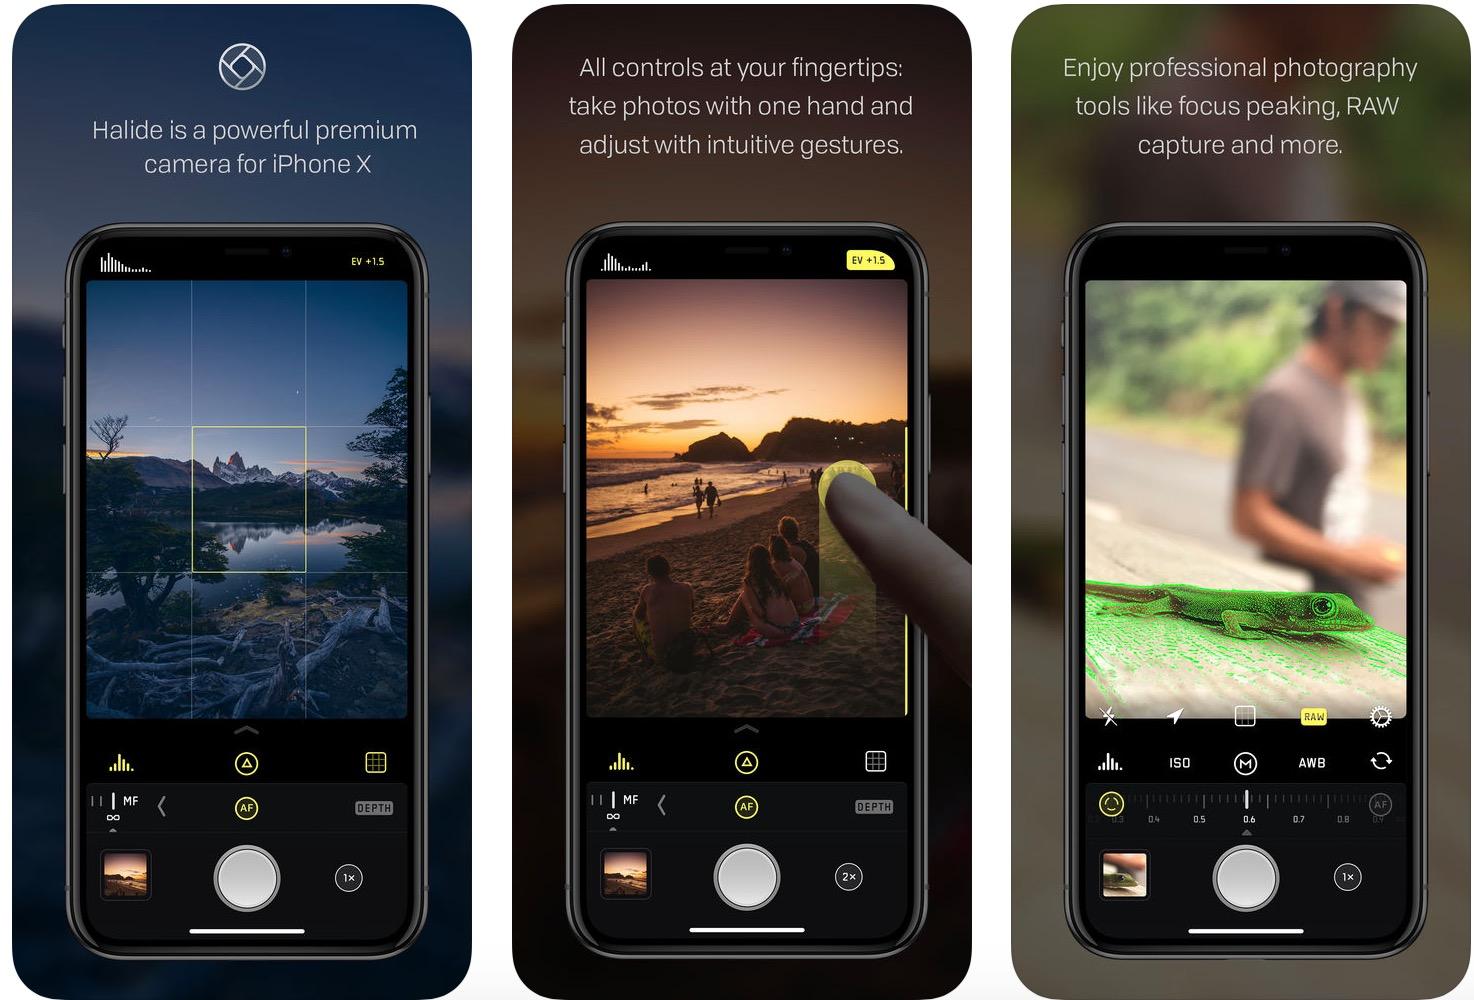 приложения для фото с двумя окнами что каждой